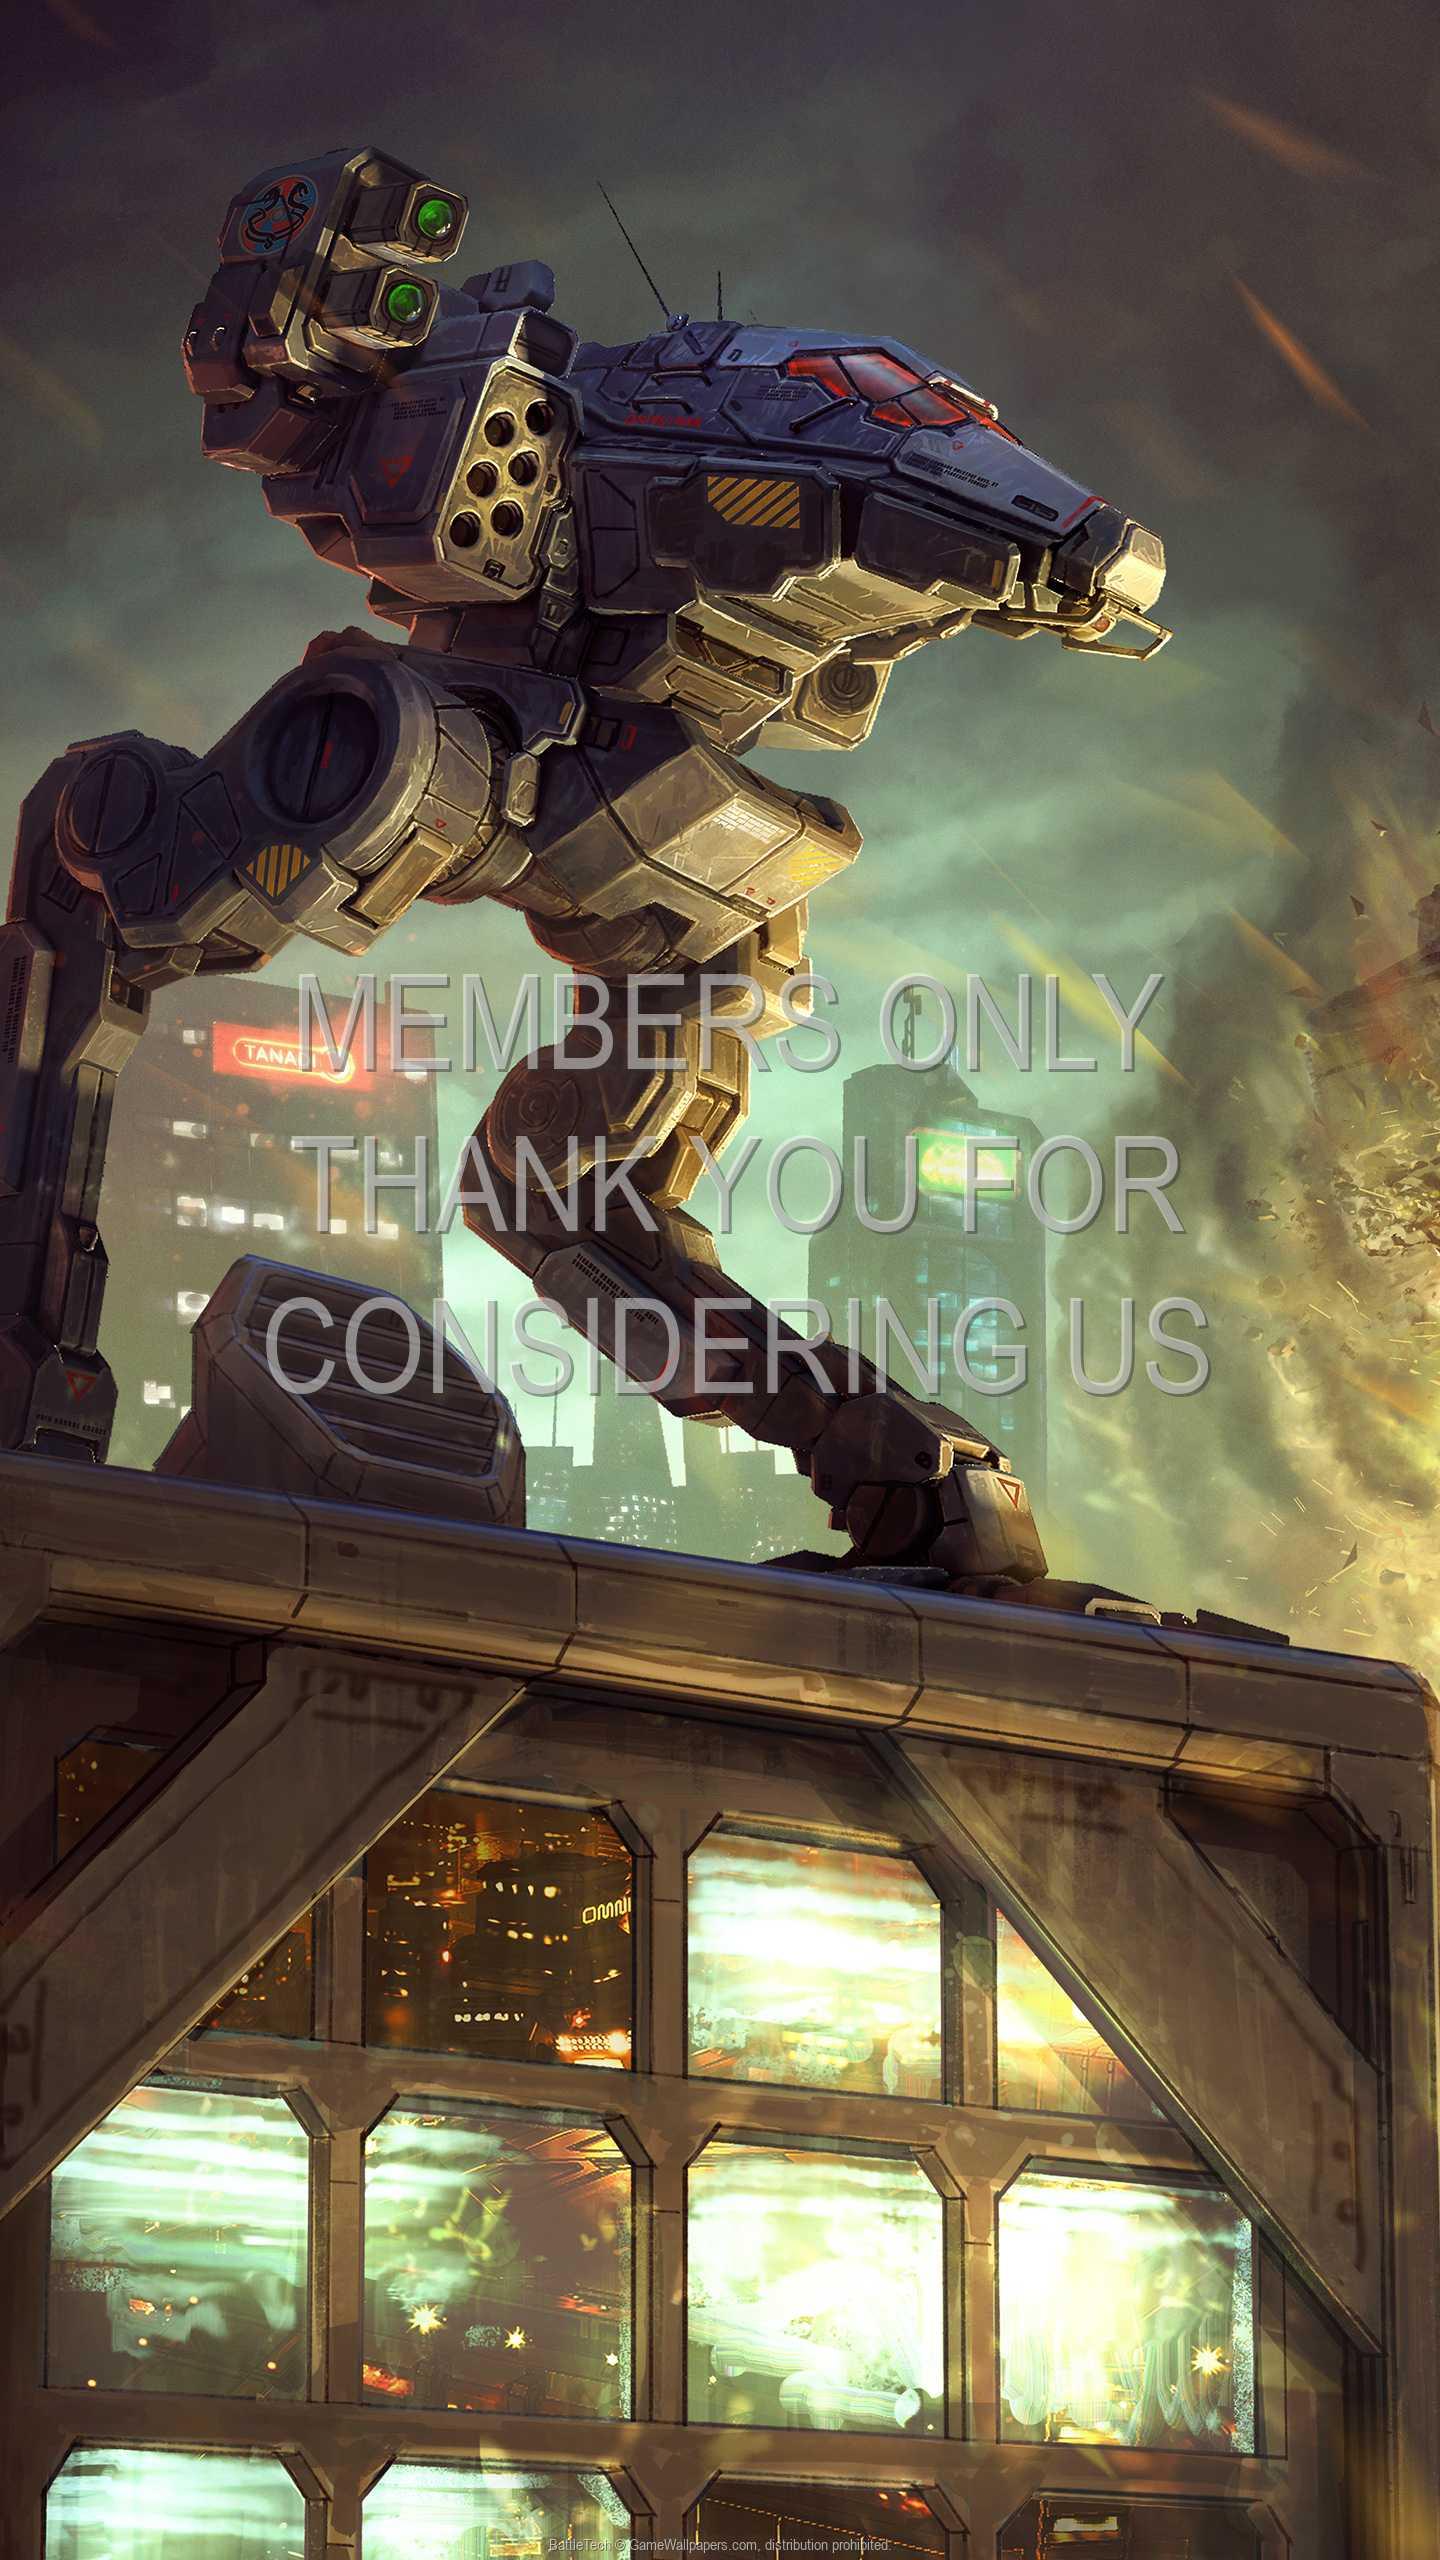 BattleTech 1440p Vertical Handy Hintergrundbild 02